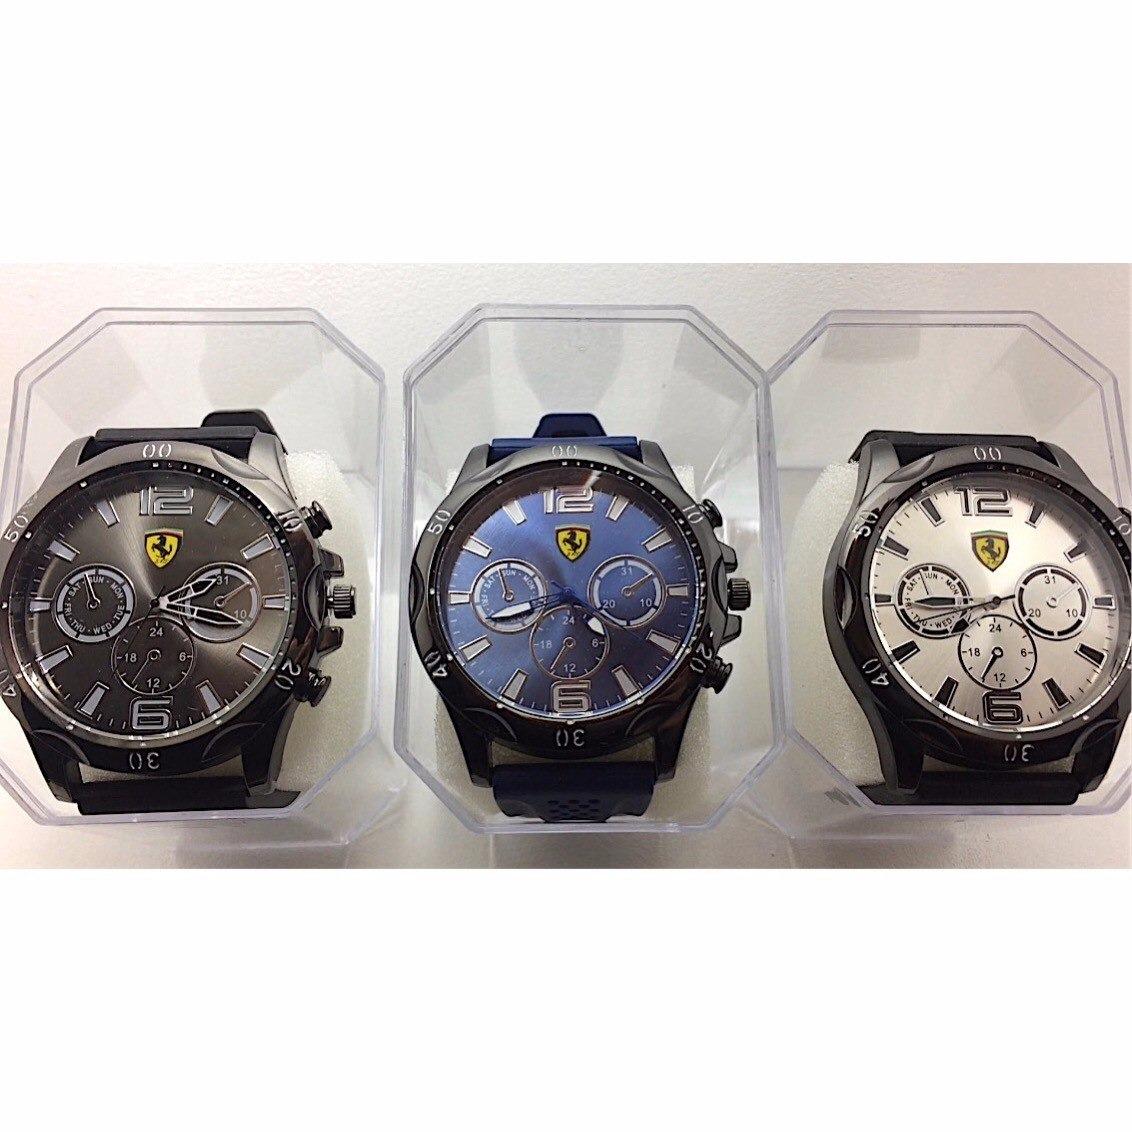 d2465749ac3 kit 10 relógios masculinos atacado revenda silicone + caixa. Carregando zoom .